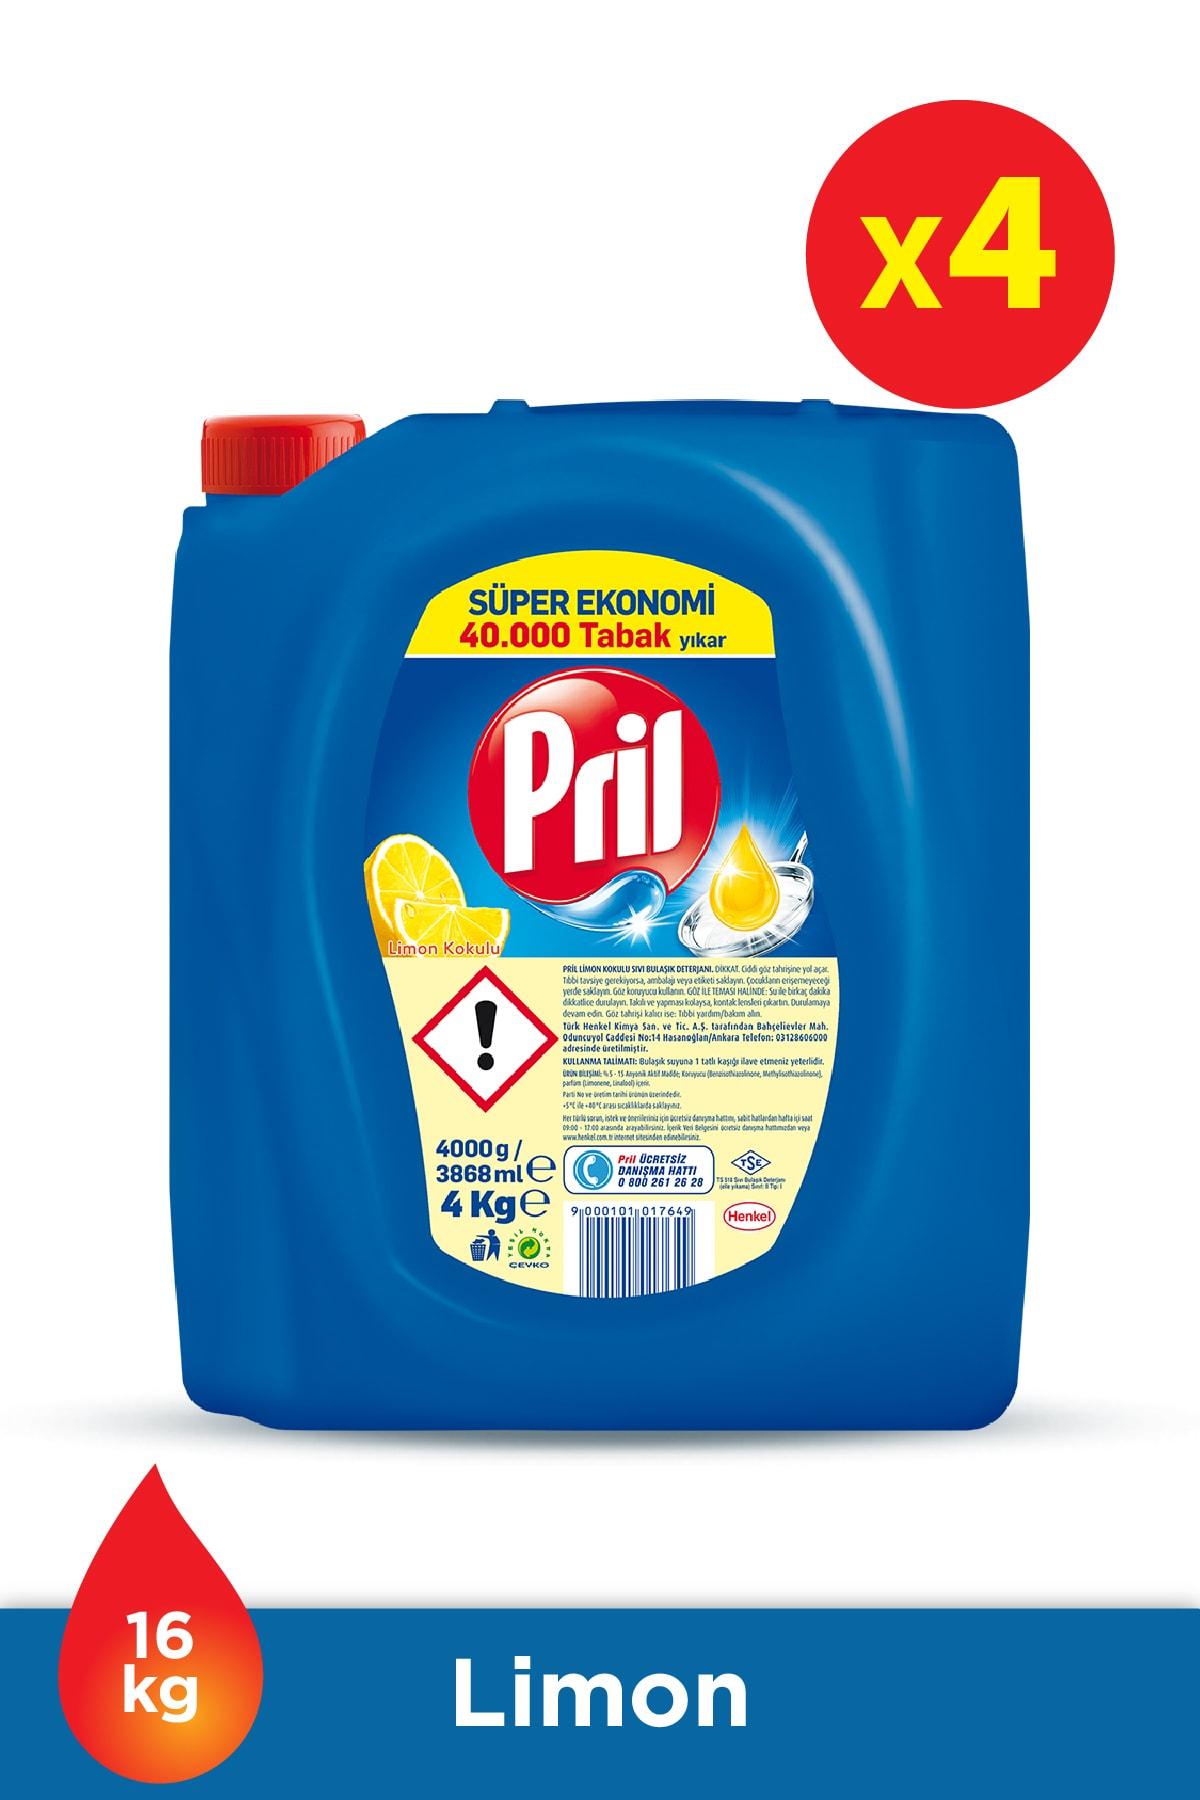 Pril Elde Yıkama Sıvı Bulaşık Deterjanı 4 x 4kg Limon (16kg) 1